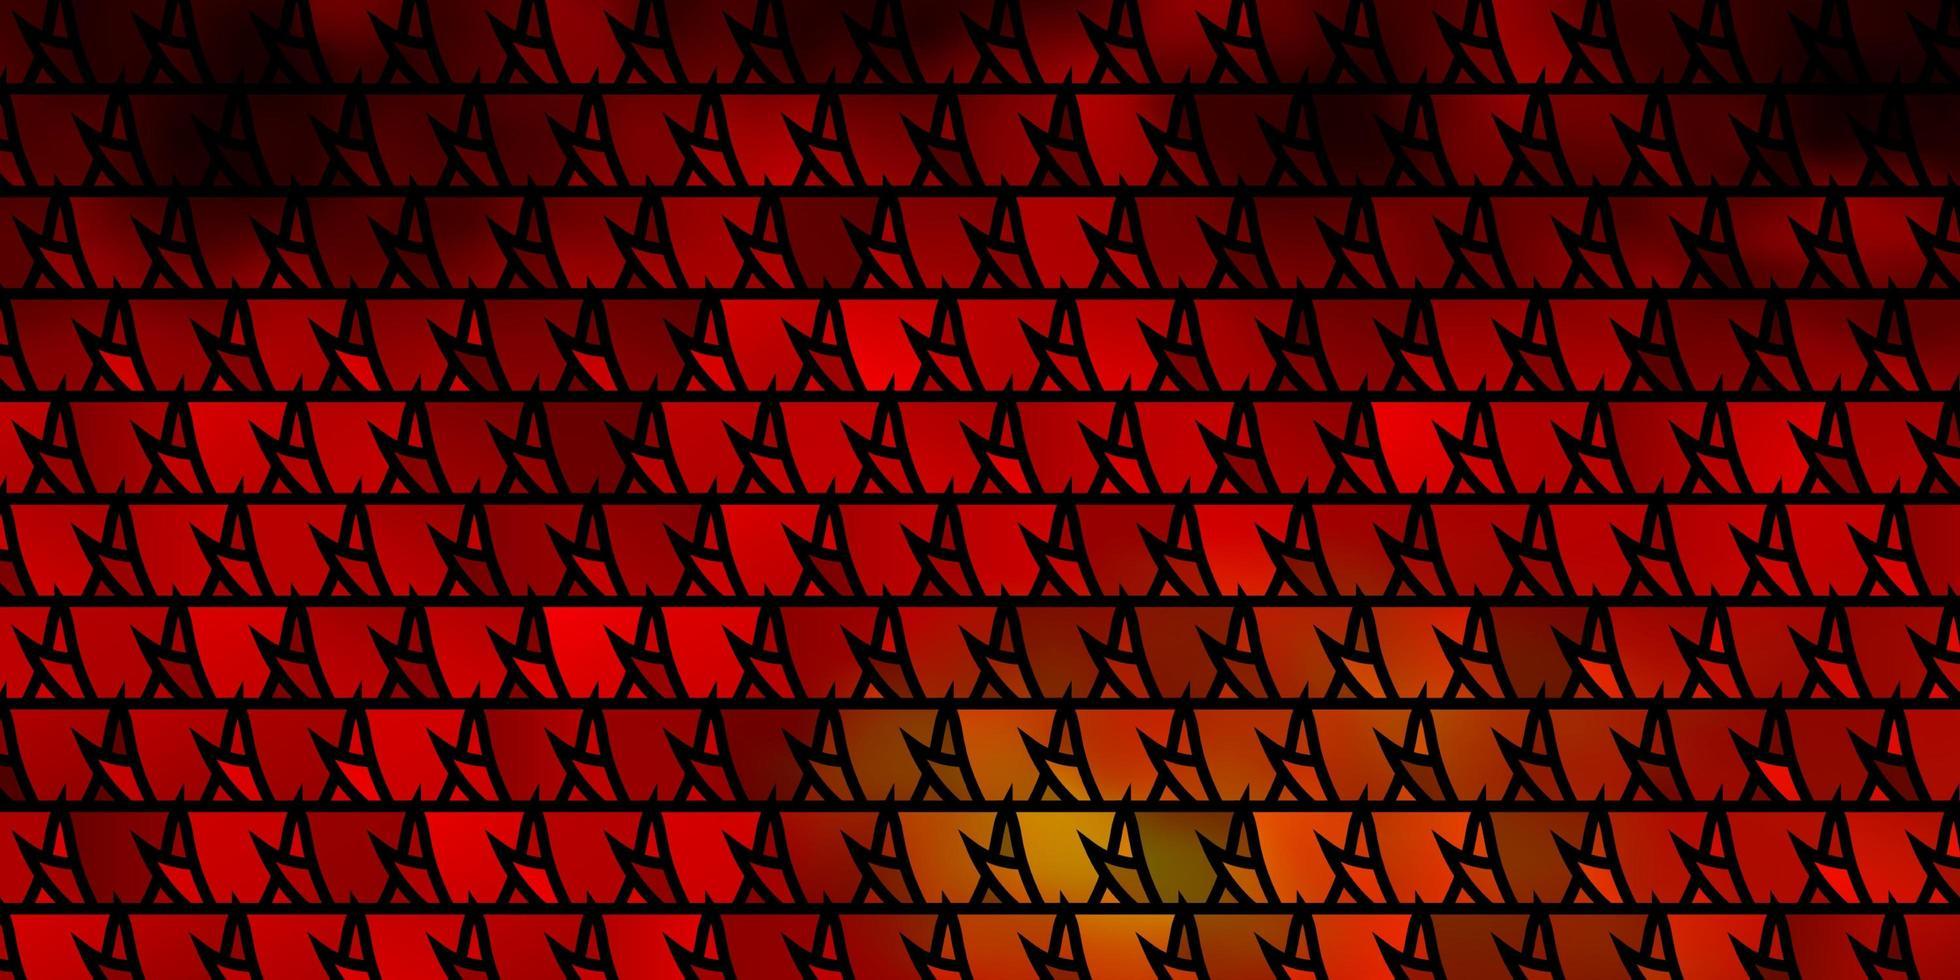 disposition de vecteur rouge foncé, jaune avec des lignes, des triangles.